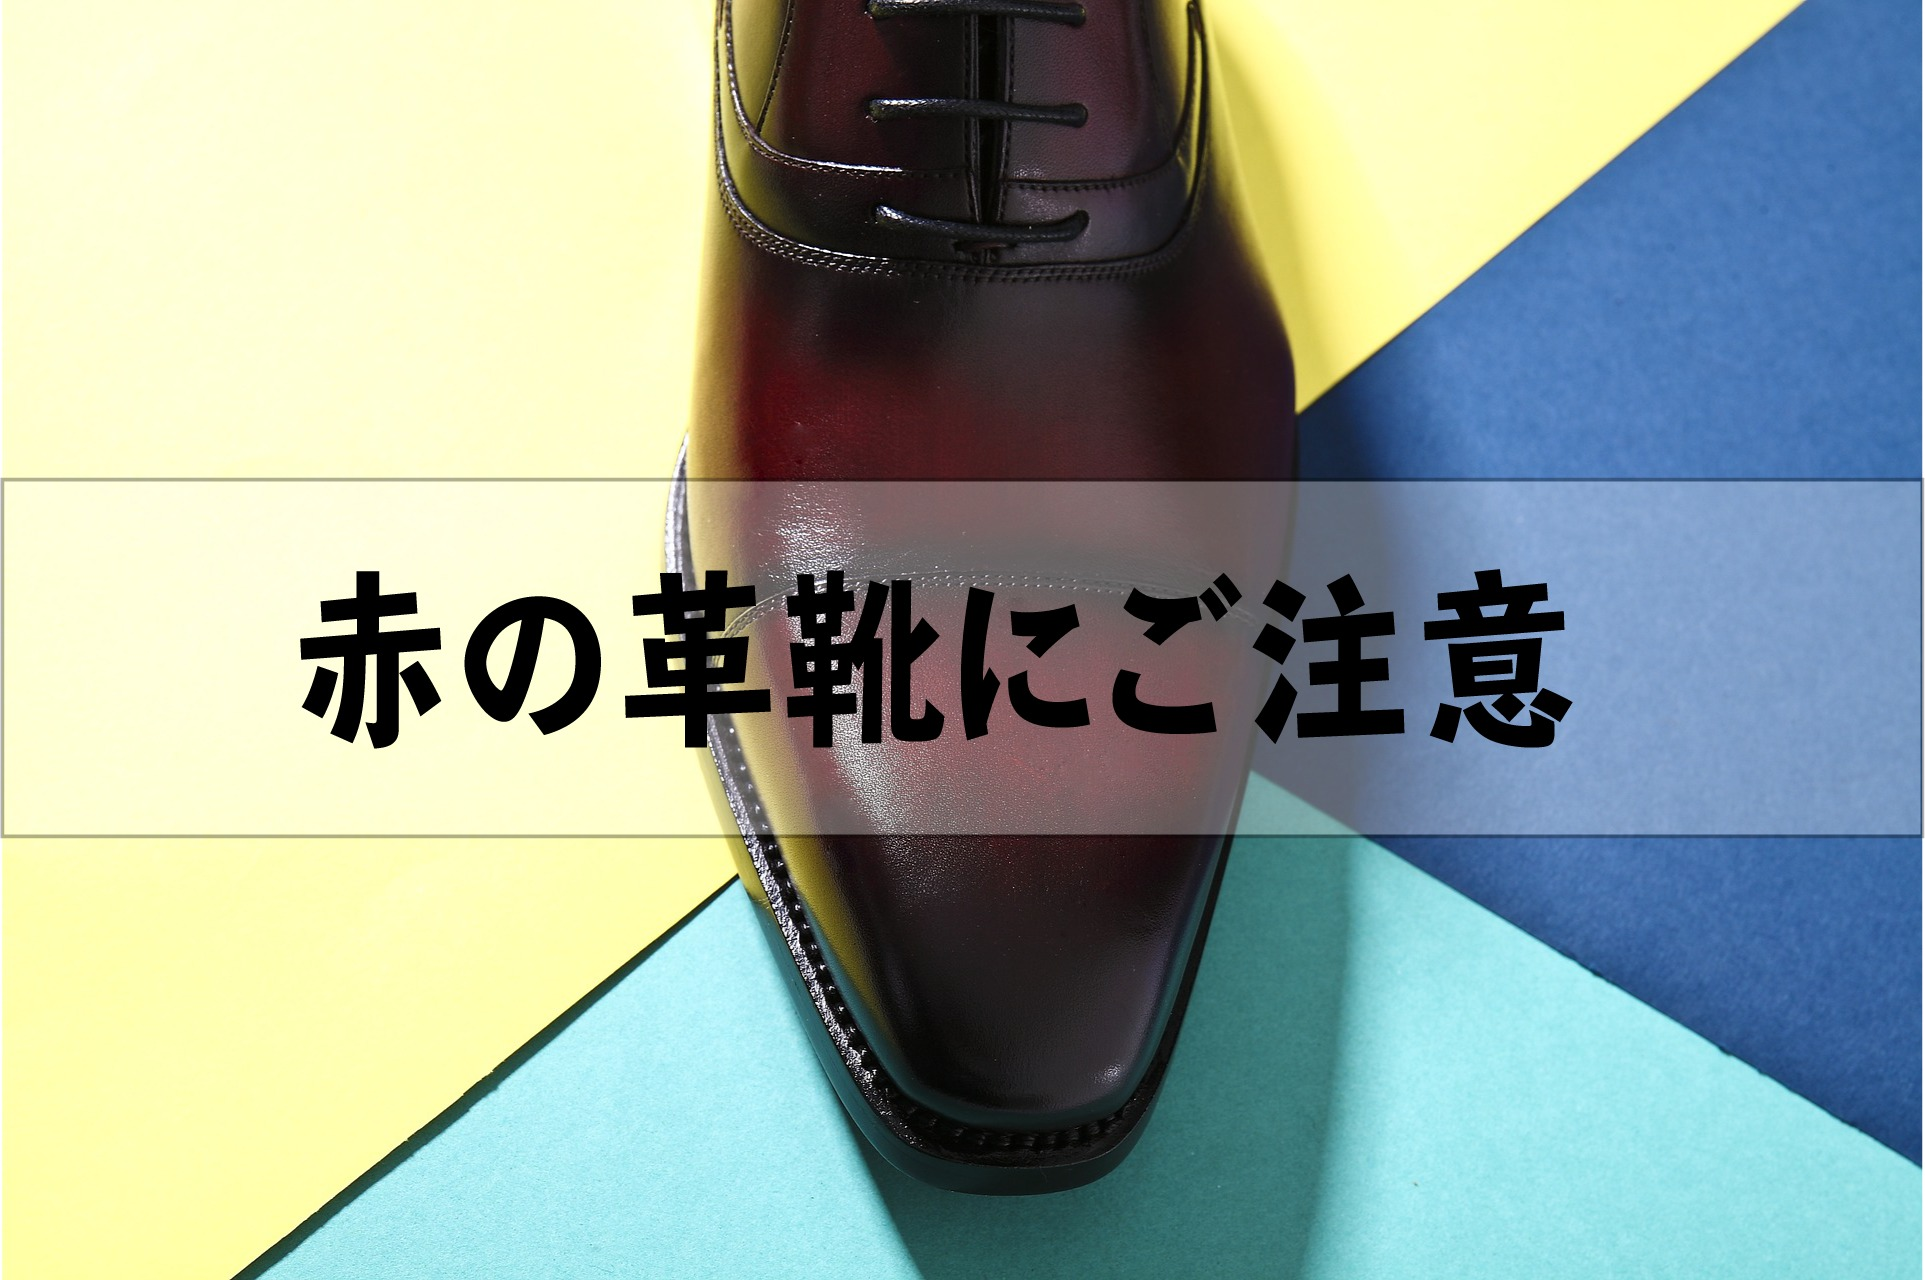 赤の革靴をケアする際はクリームに気をつけてほしい。